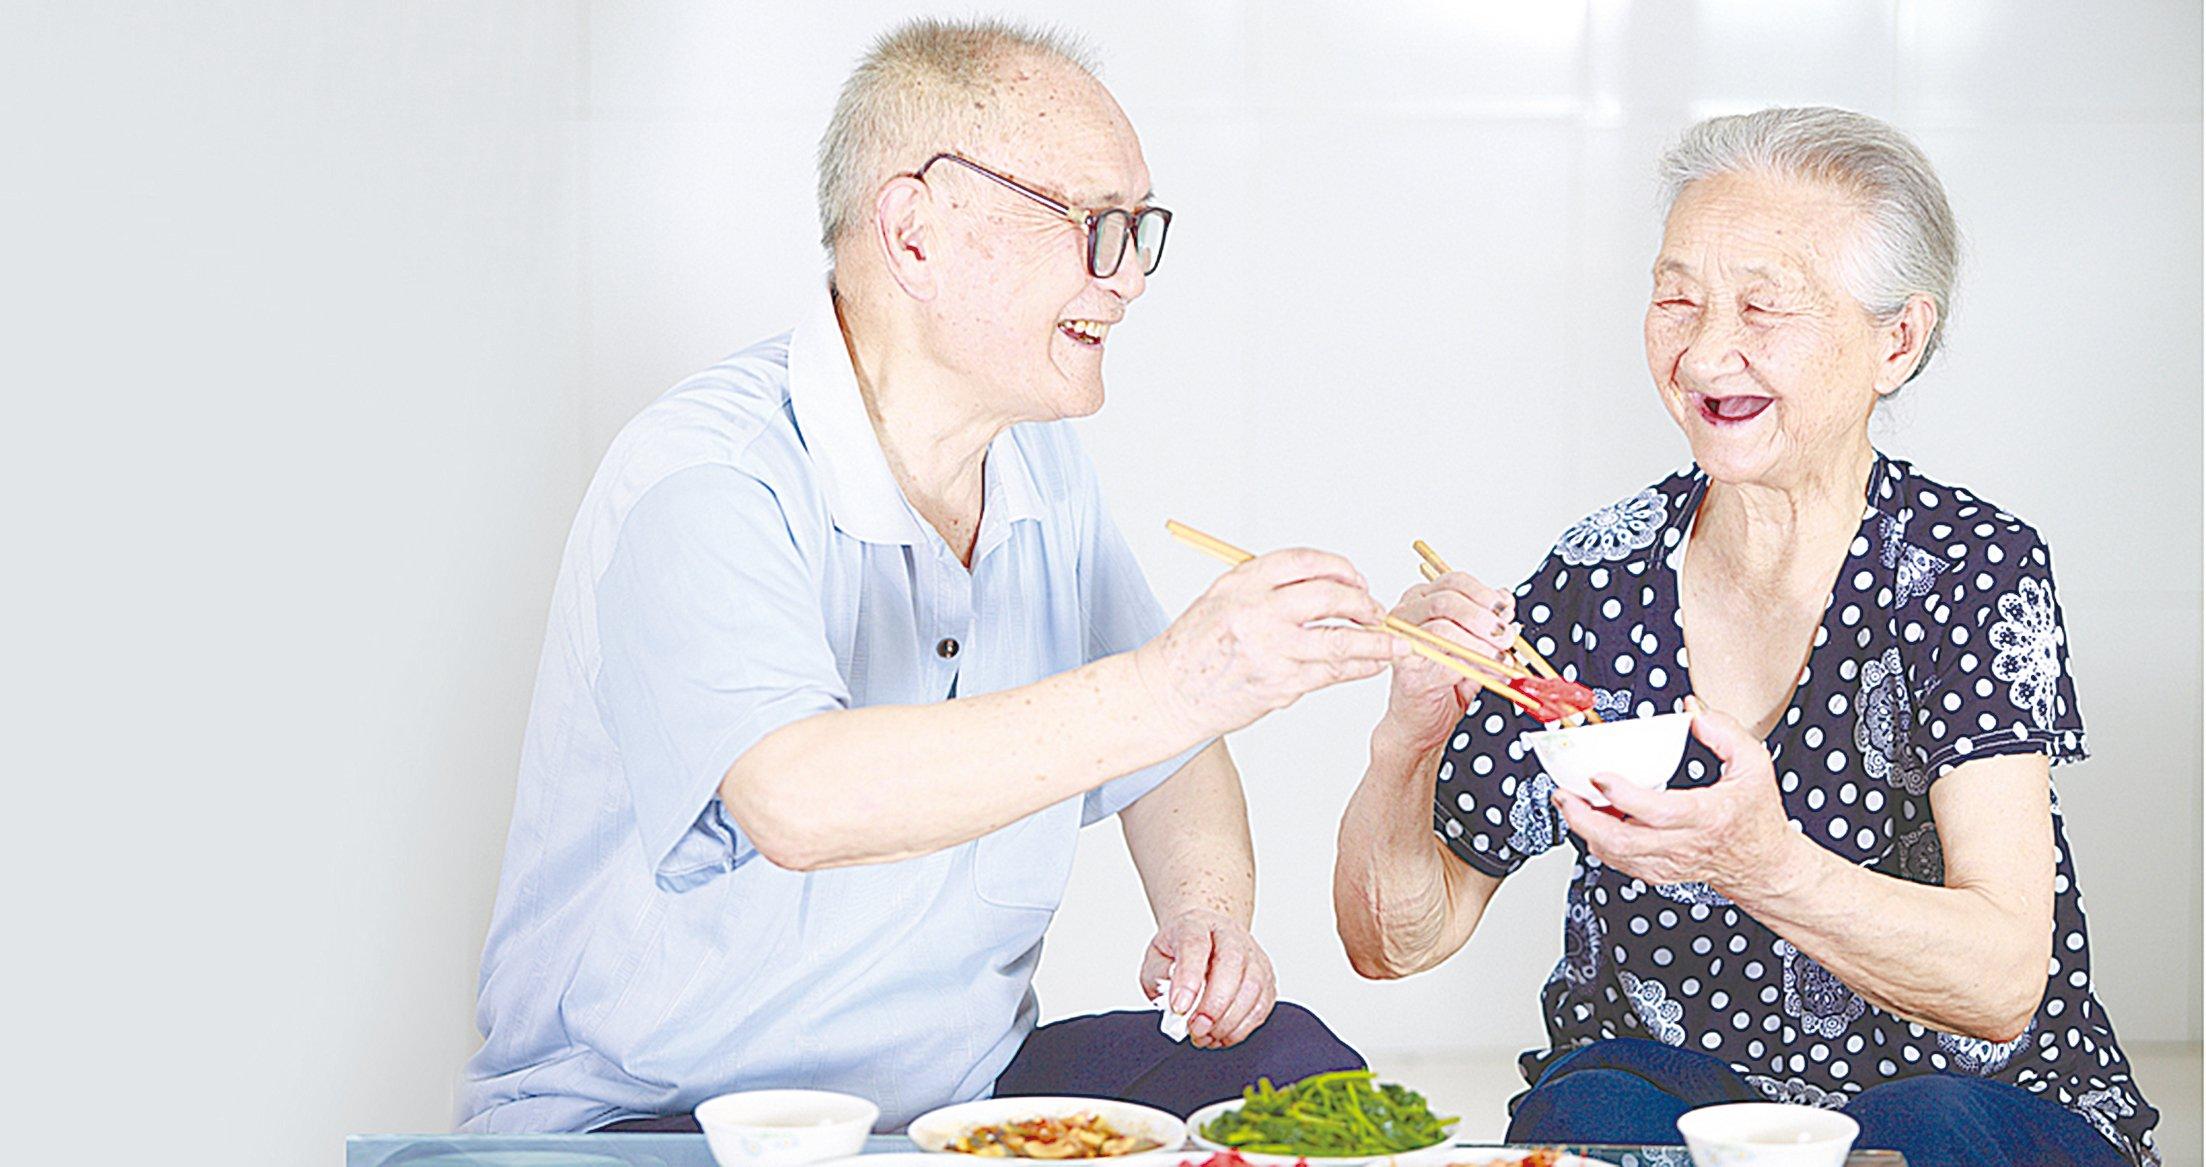 老了有人一起陪伴、一起吃飯,再平凡的日常都很幸福。